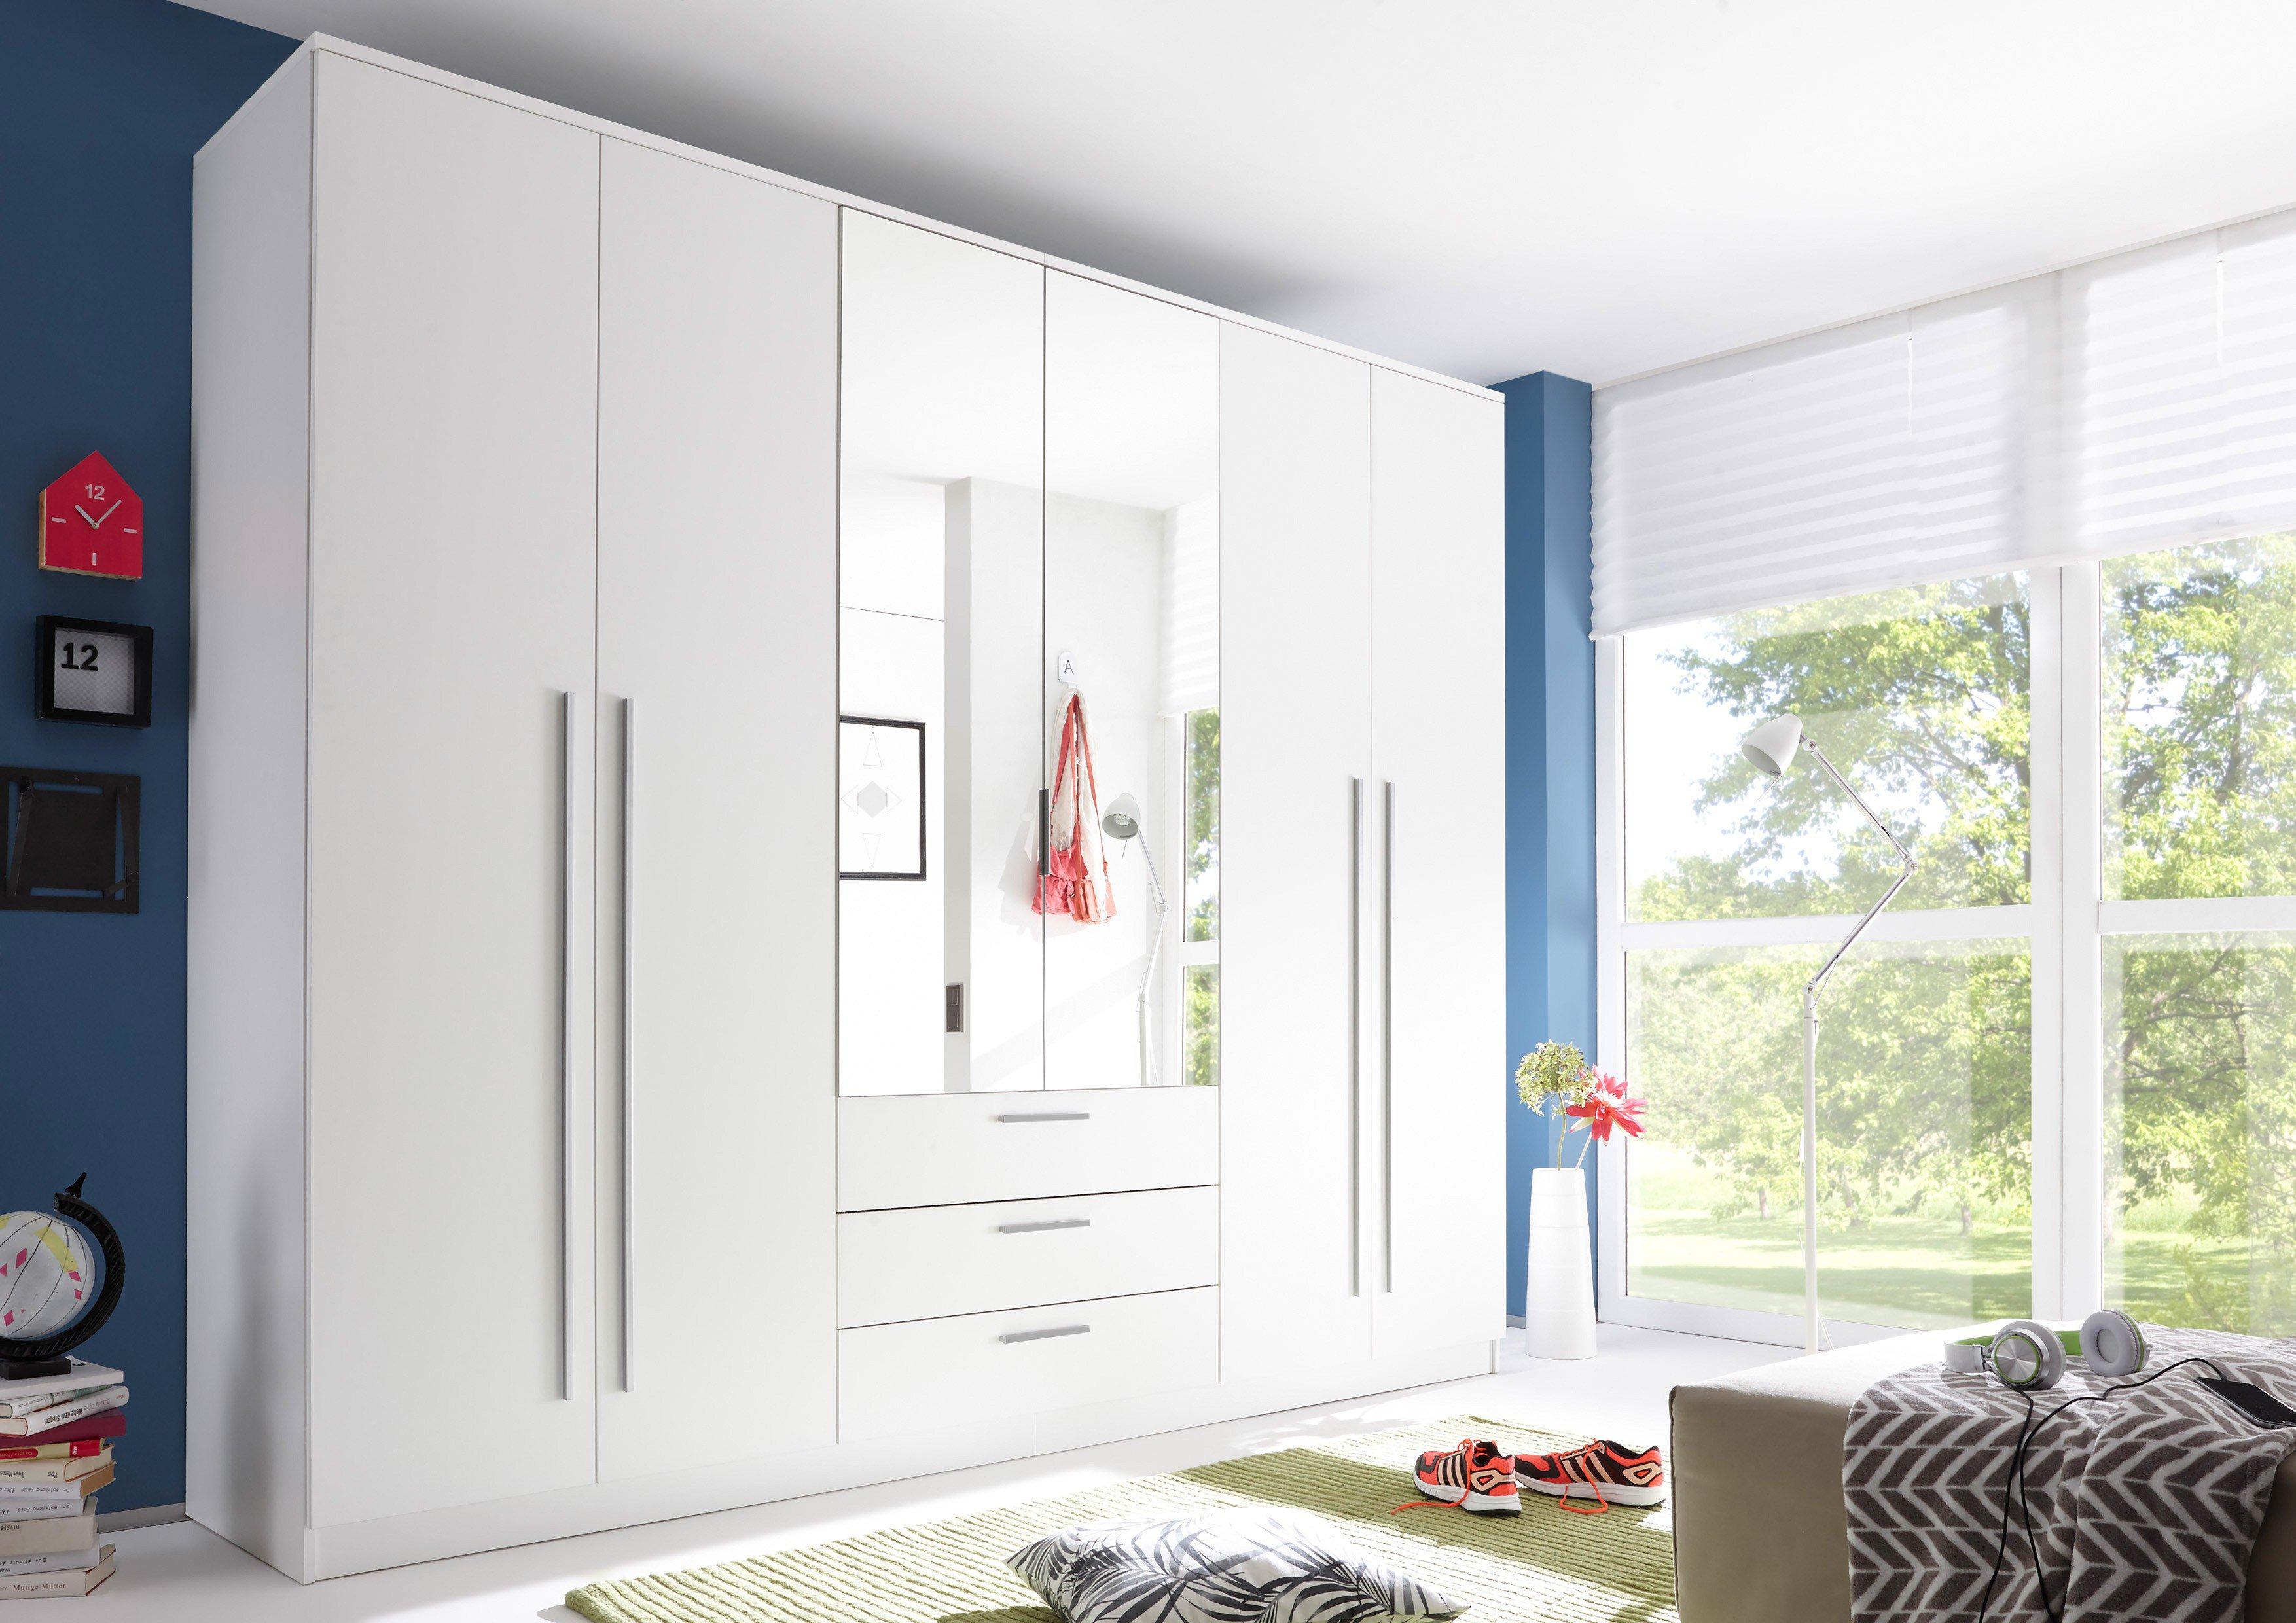 kleiderschrank neptun von pol power wei m bel letz ihr online shop. Black Bedroom Furniture Sets. Home Design Ideas